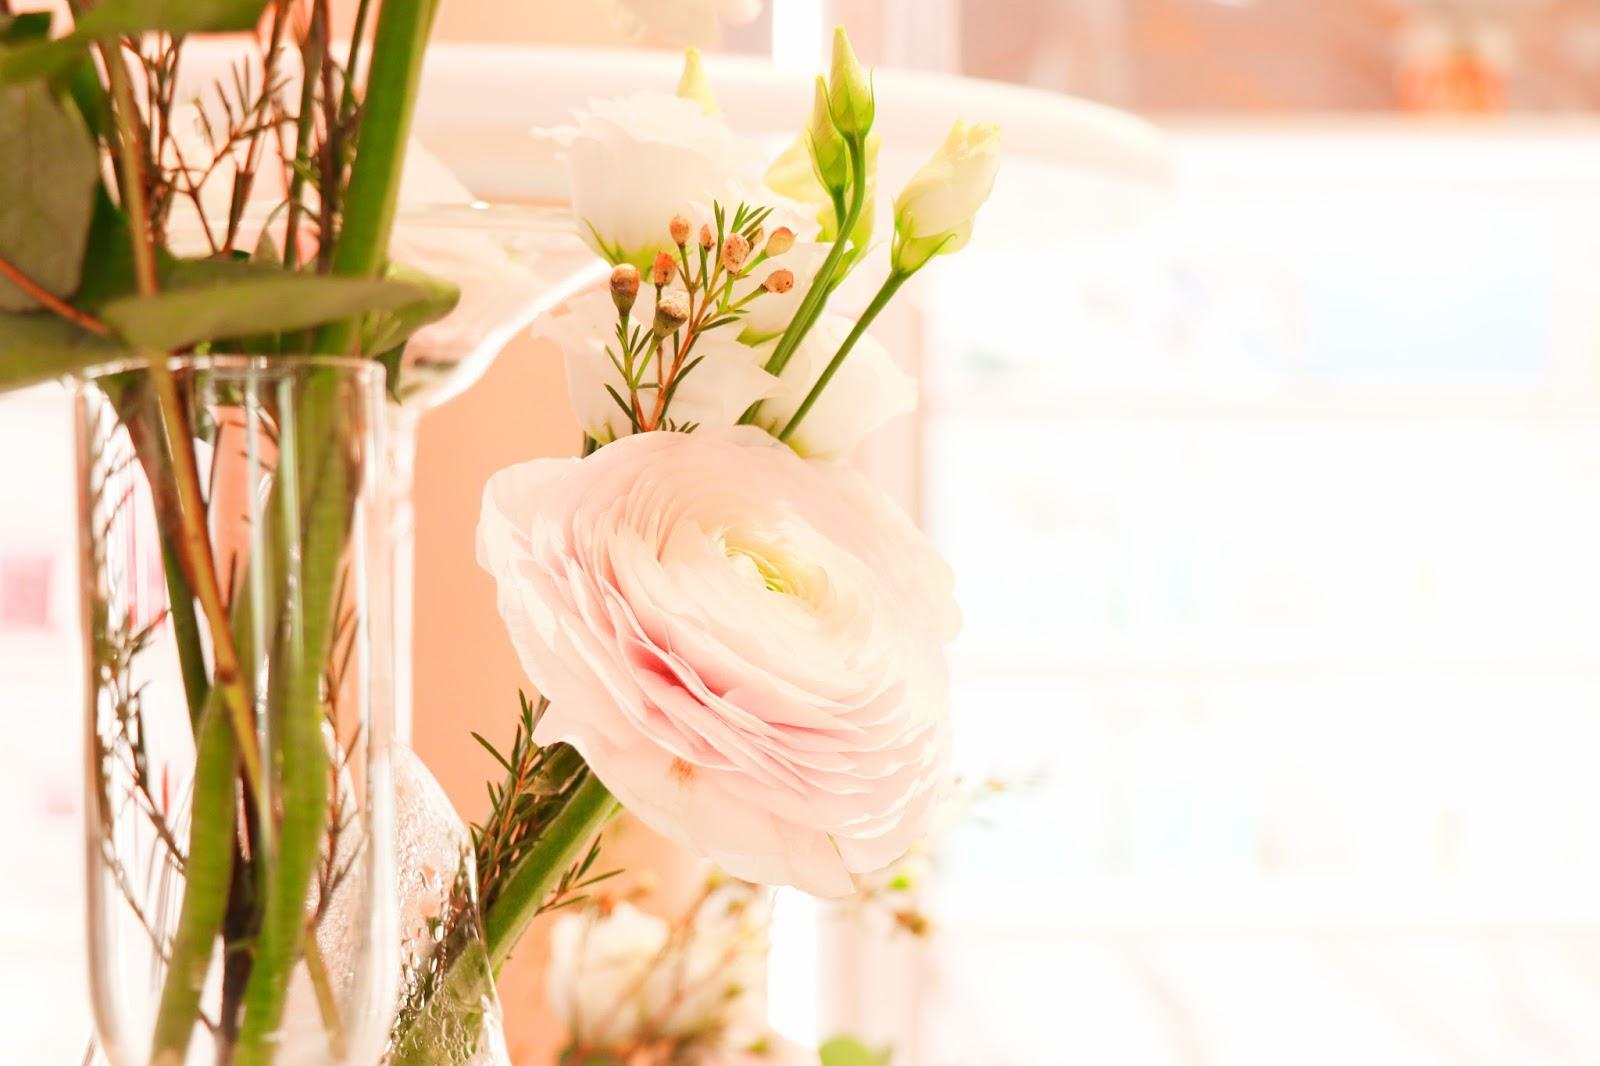 gellé freres gelle frères boutique ouverture paris avenue de l'opéra parfum parfumeurs royal reine marie antoinette rose galante magnolia bohème lys audacieux fleur d'or enjouée ylang ylang fatal toilette beauté femme marbre test avis fleurs